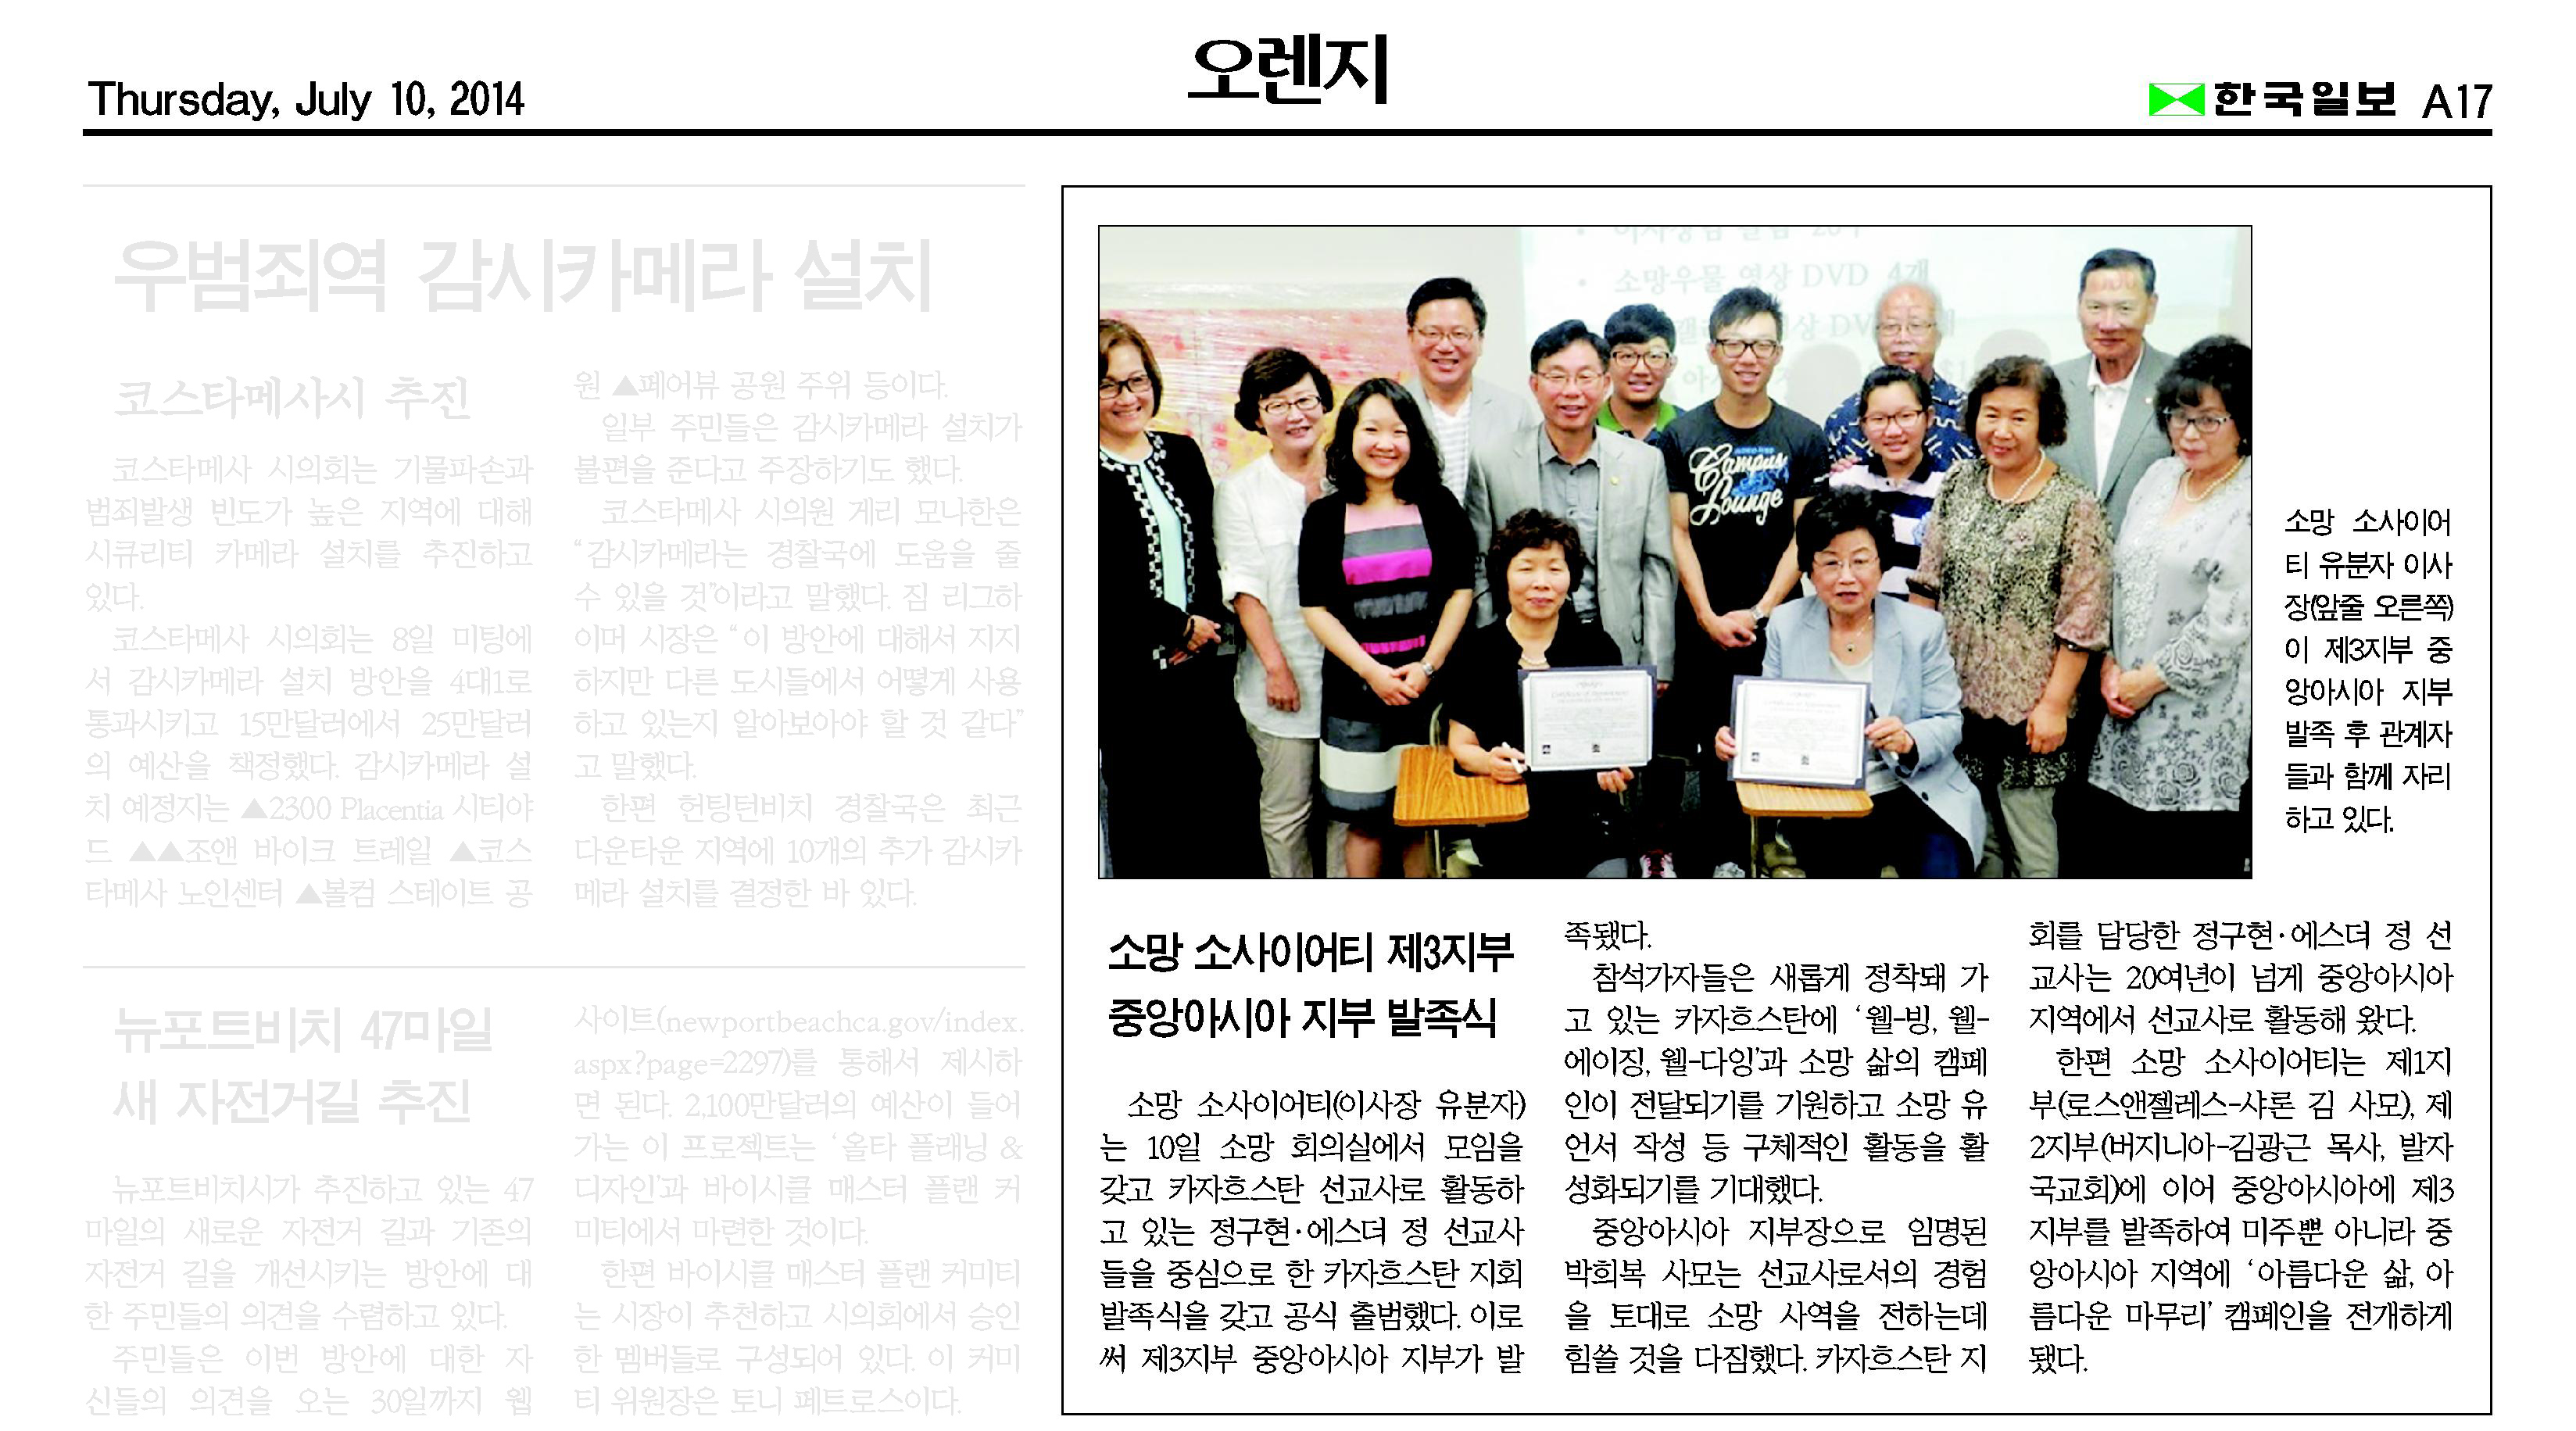 소망 소사이어티 제3지부 중앙아시아 지부 발족식 2014년 7월 10일 한국일보